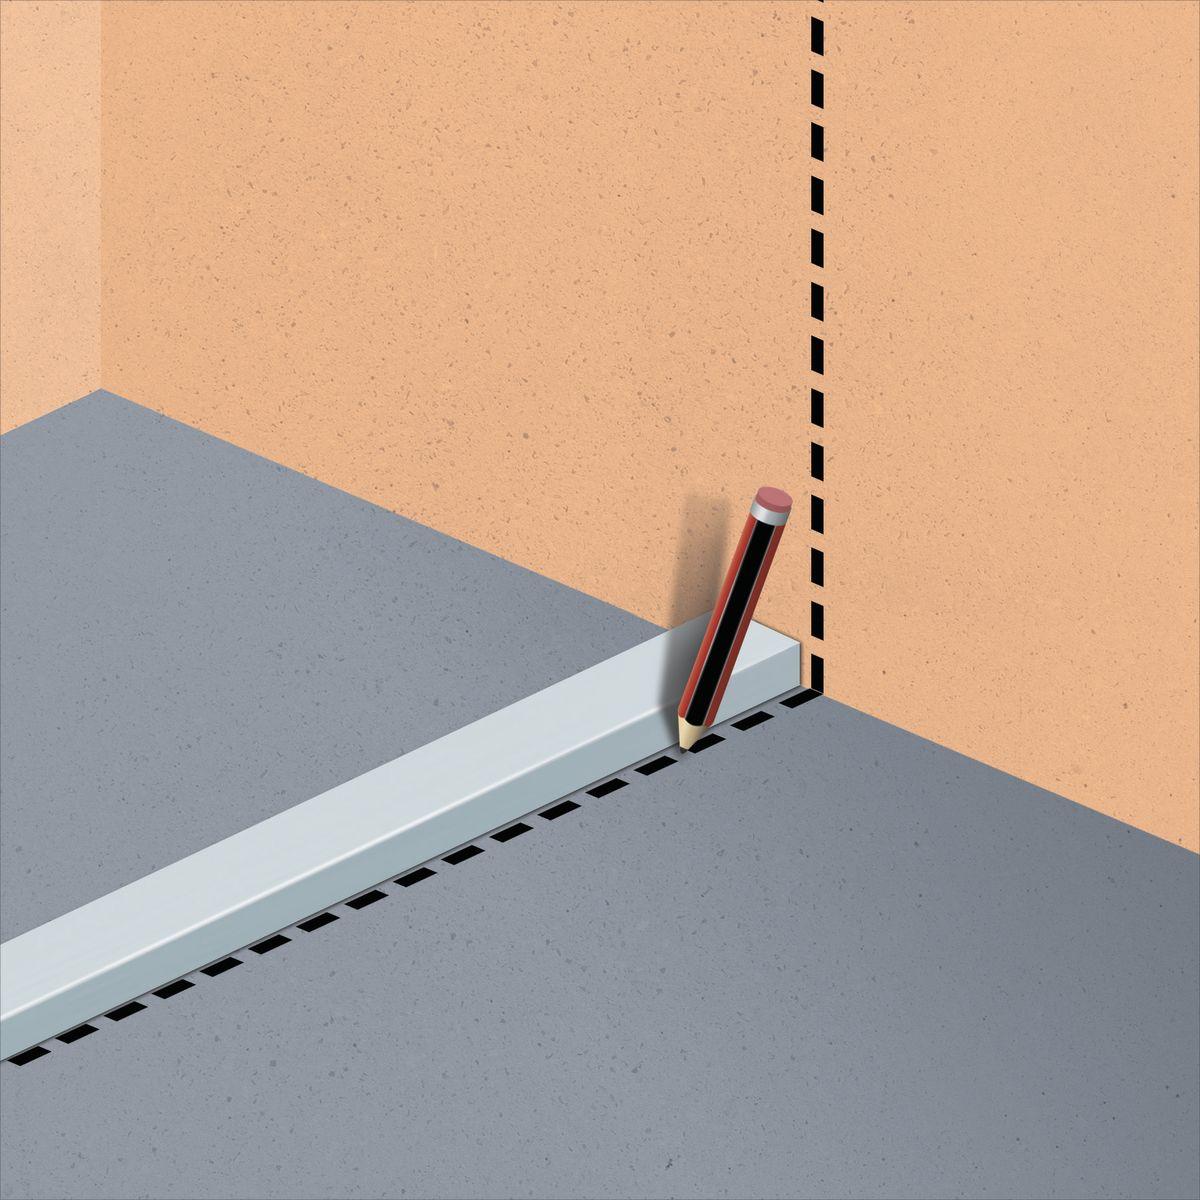 Applique da parete fai da te perfect image with applique - Parete divisoria in legno fai da te ...